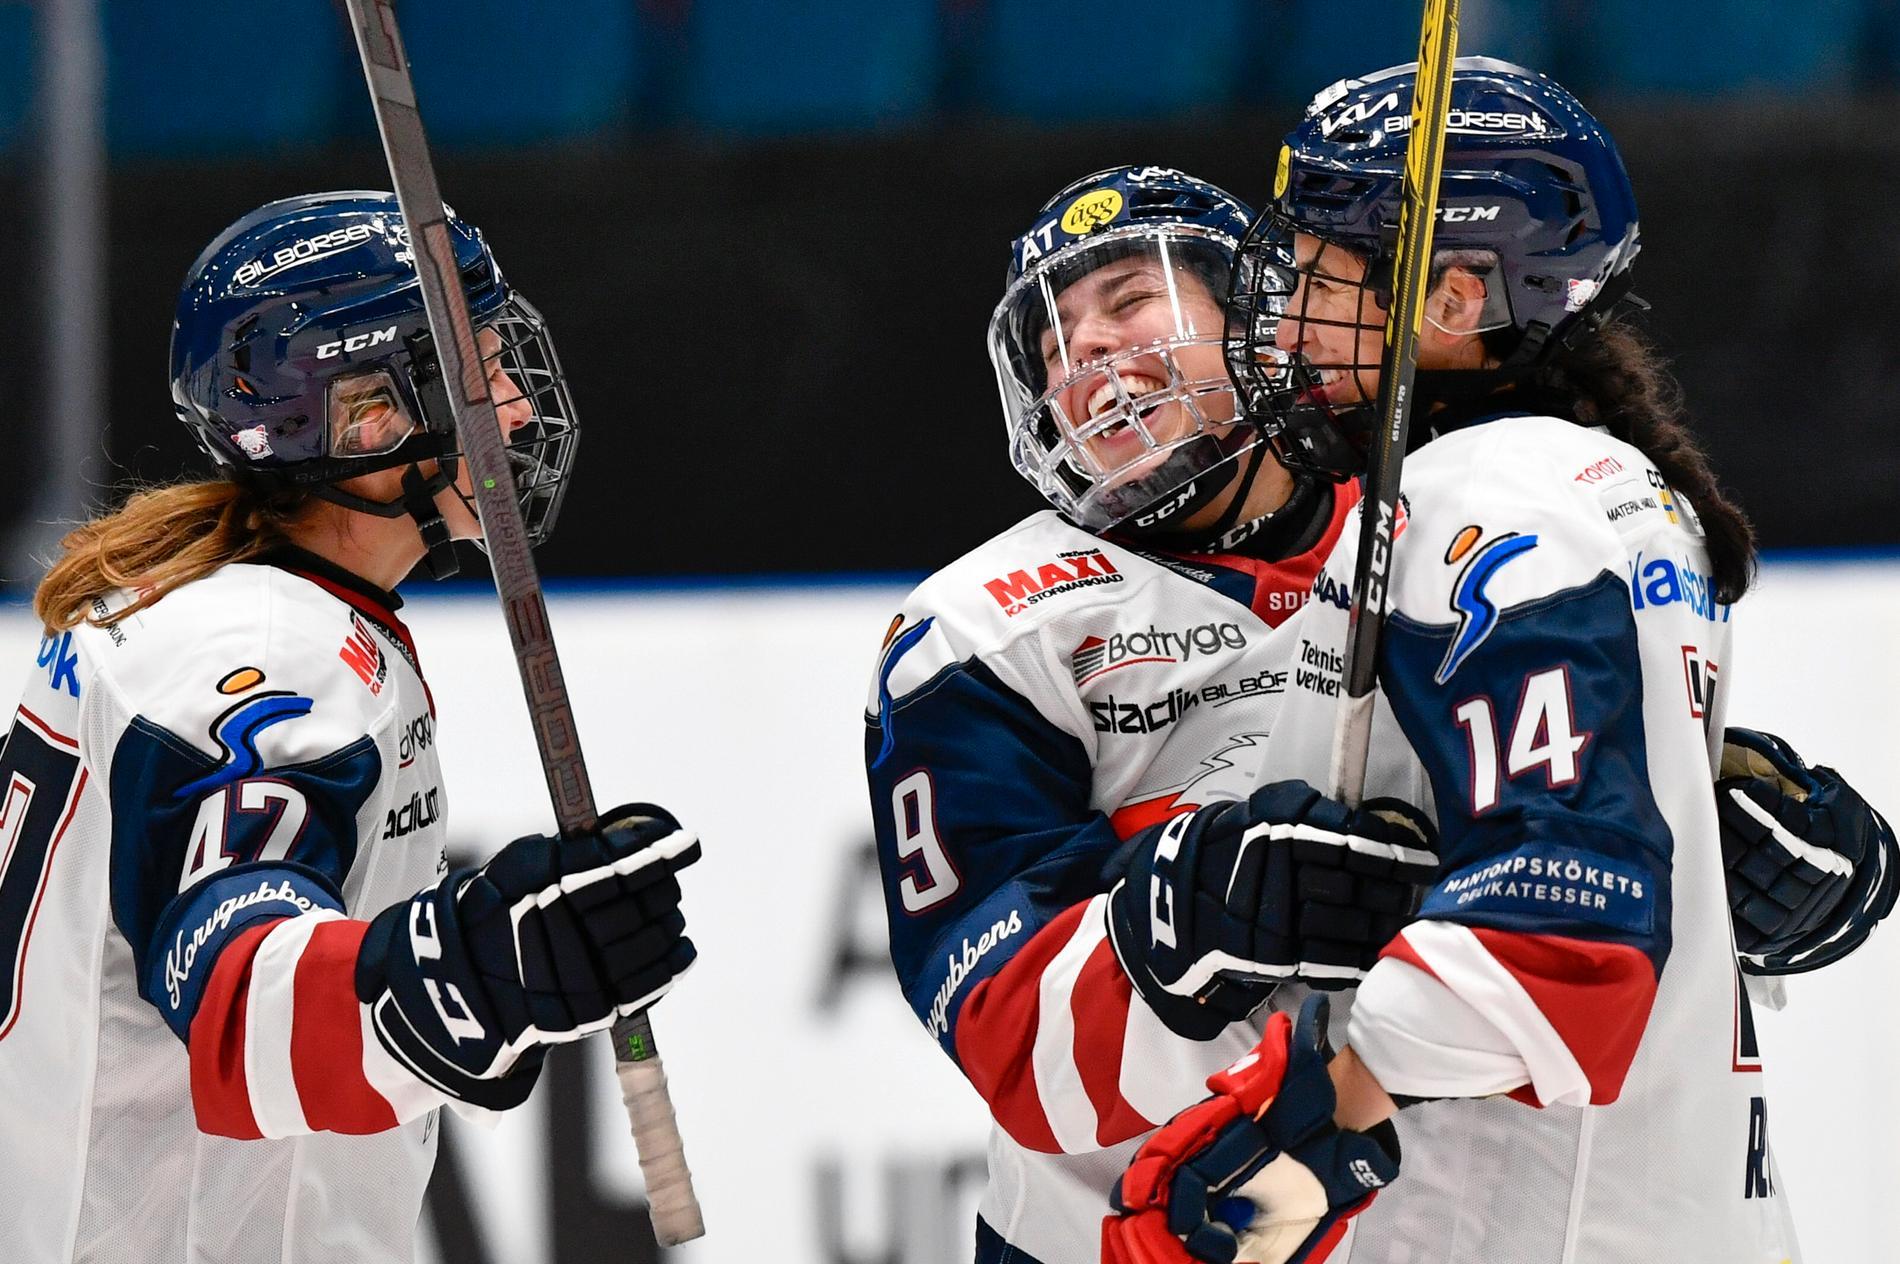 Linköpings Olivia Zafuto (9) jublar efter att ha gjort mål från halva plan. Justine Reyes, till höger, och Lenka Serdar gläds också.